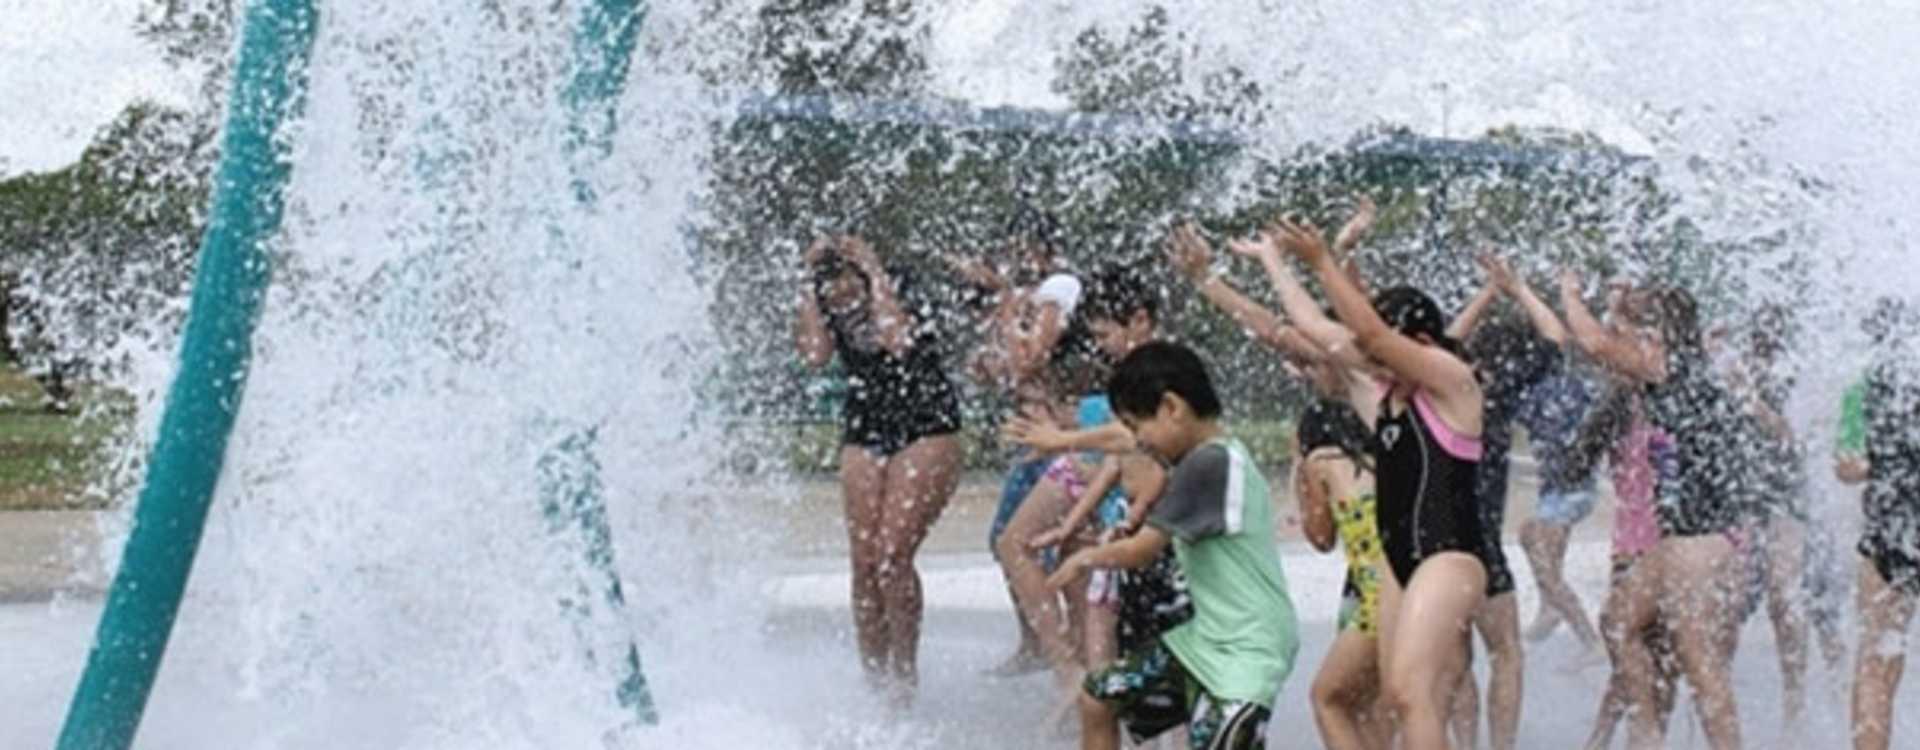 Spray Park at Angle Lake